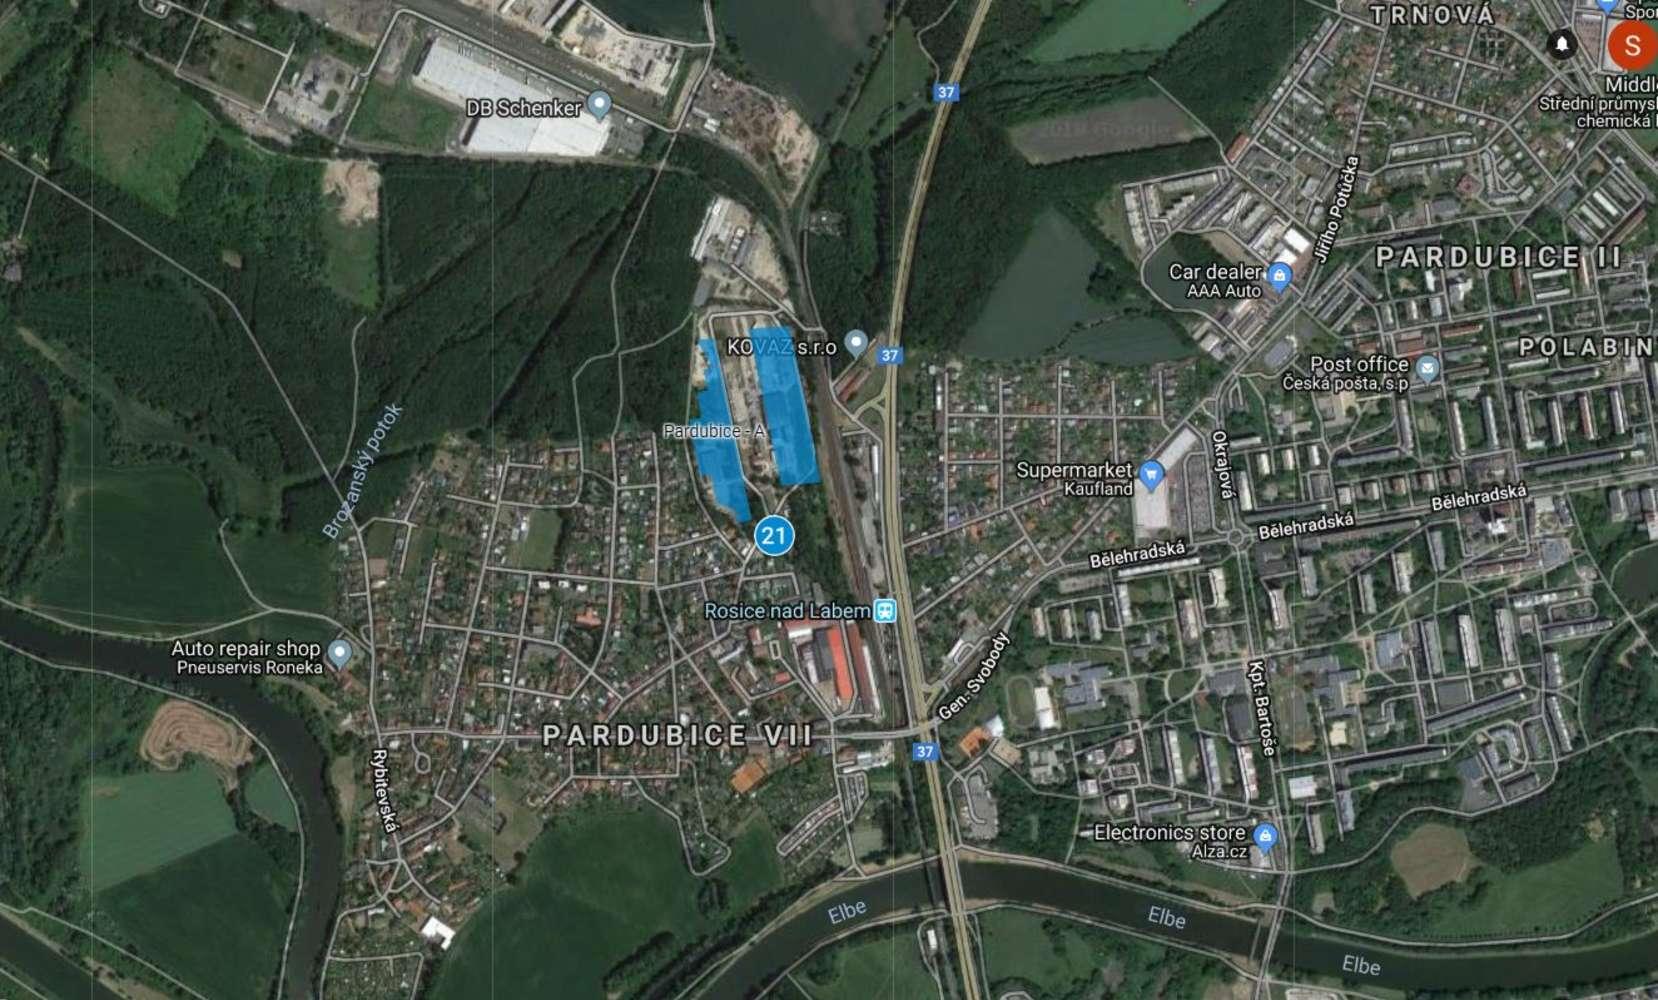 Průmyslové nemovitosti Rosice (chrudim),  - Panattoni Park Pardubice - 7